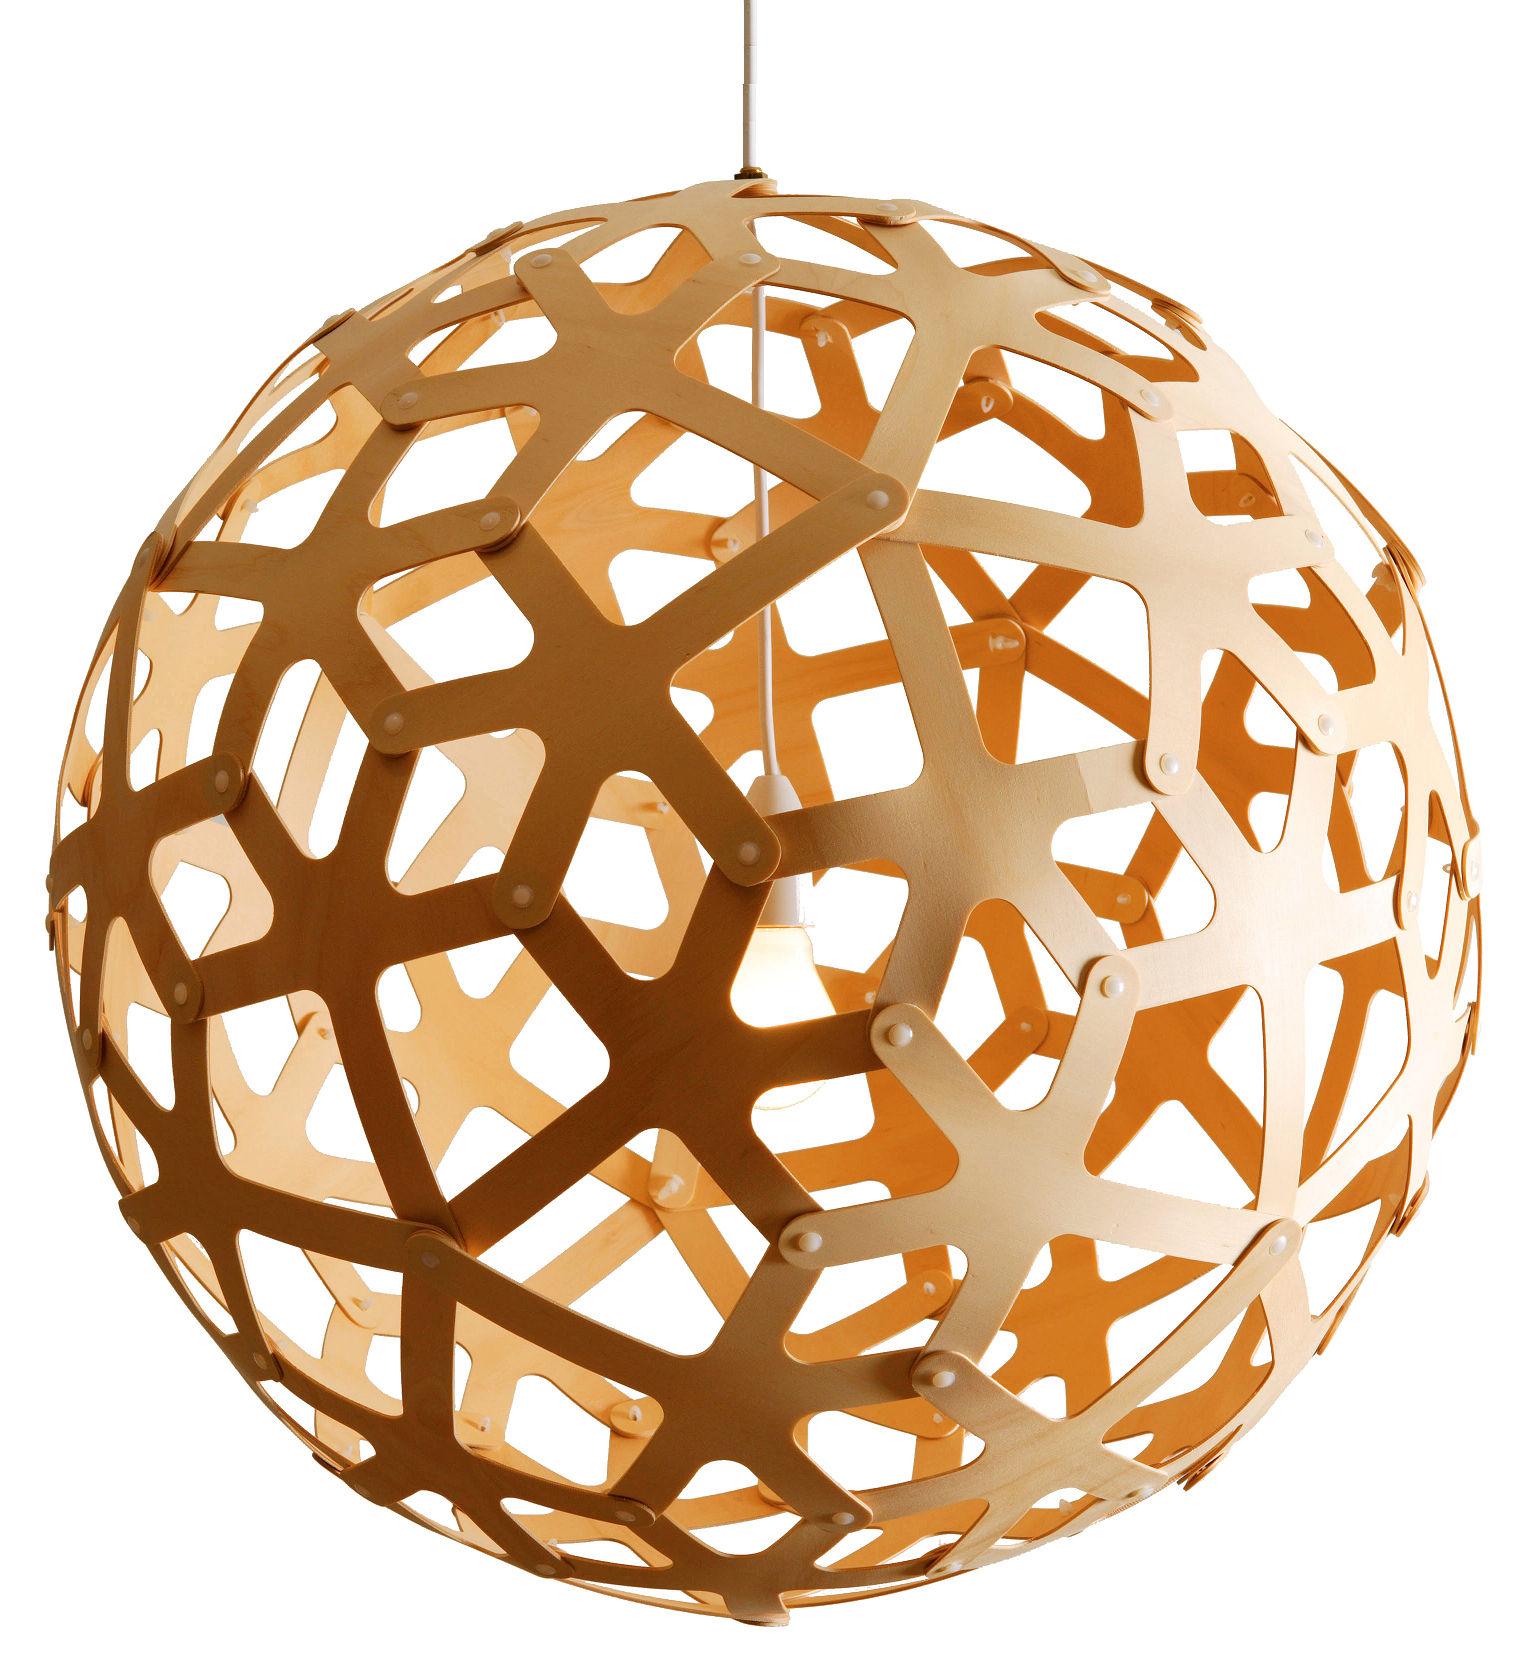 Illuminazione - Lampadari - Sospensione Coral - Ø 80 cm di David Trubridge - Legno naturale - Ø 80 cm - Compensato di pino